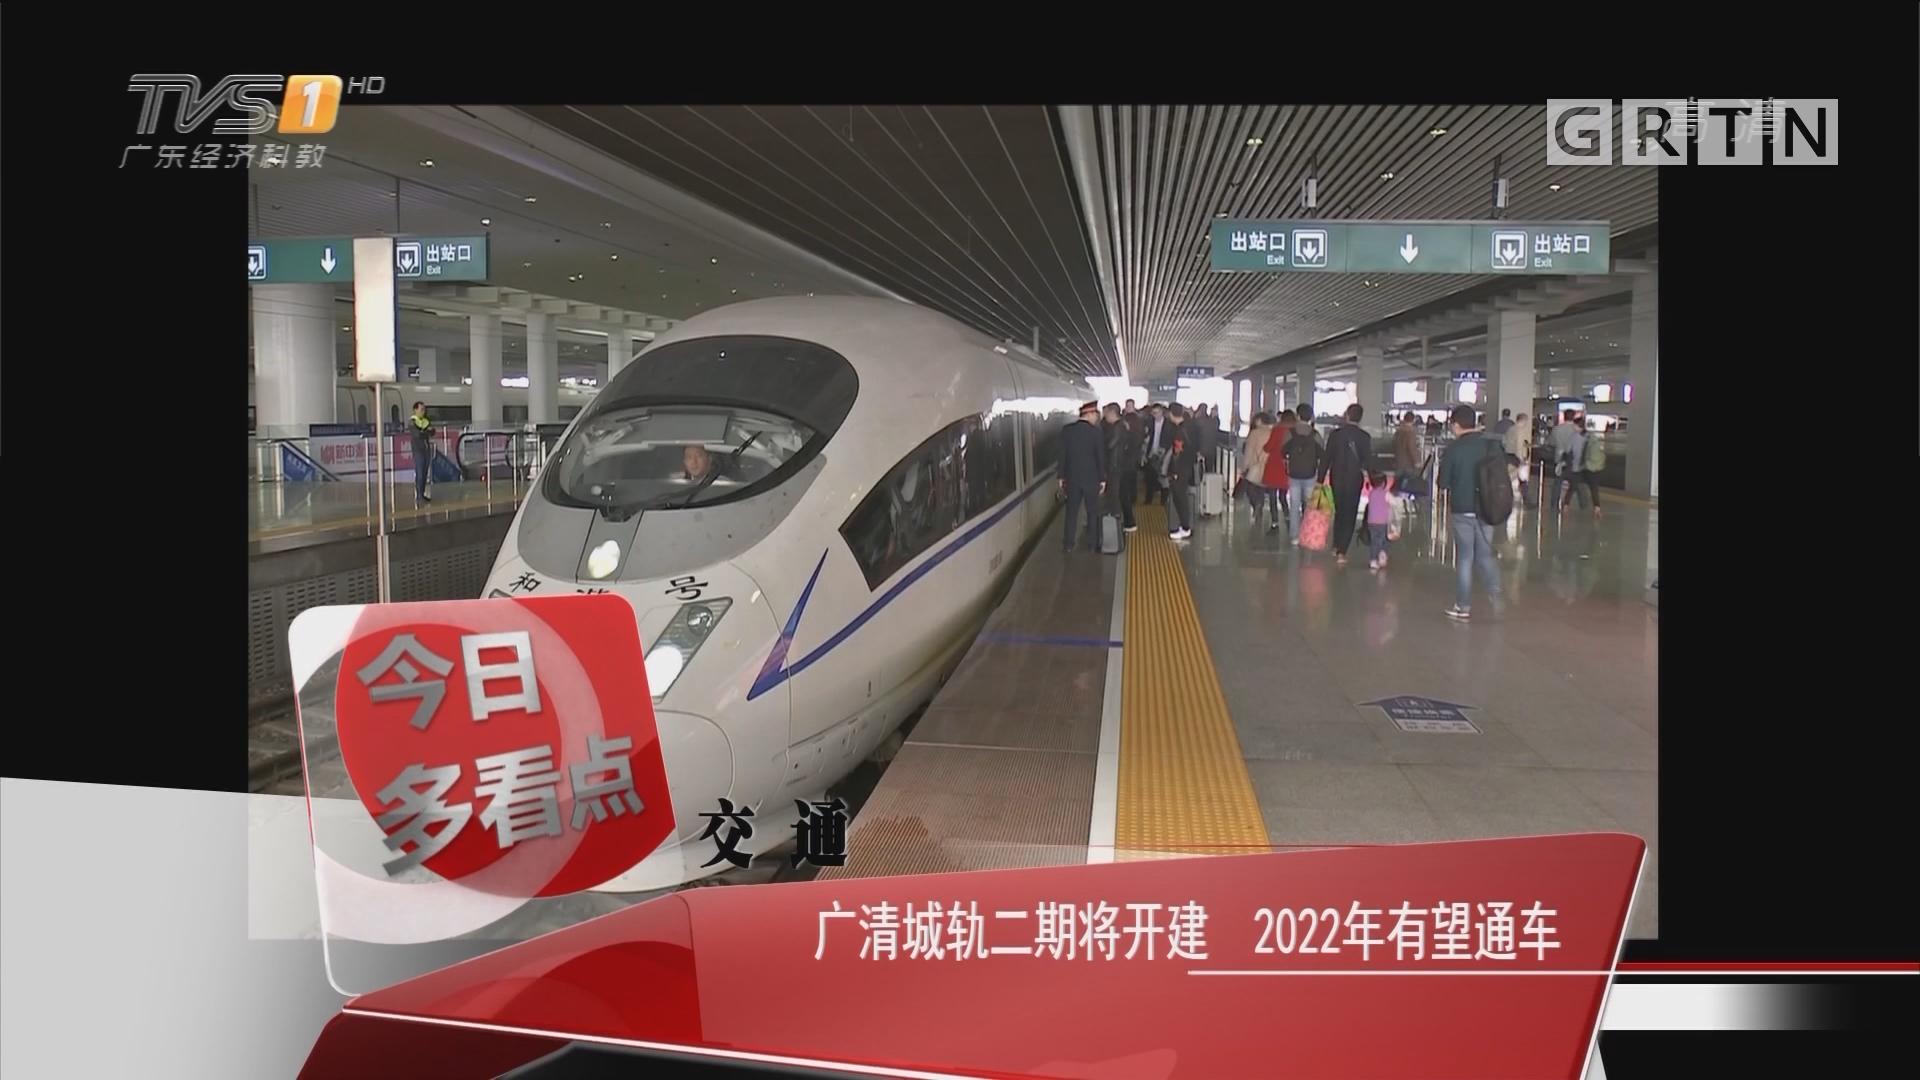 交通:广清城轨二期将开建 2022年有望通车